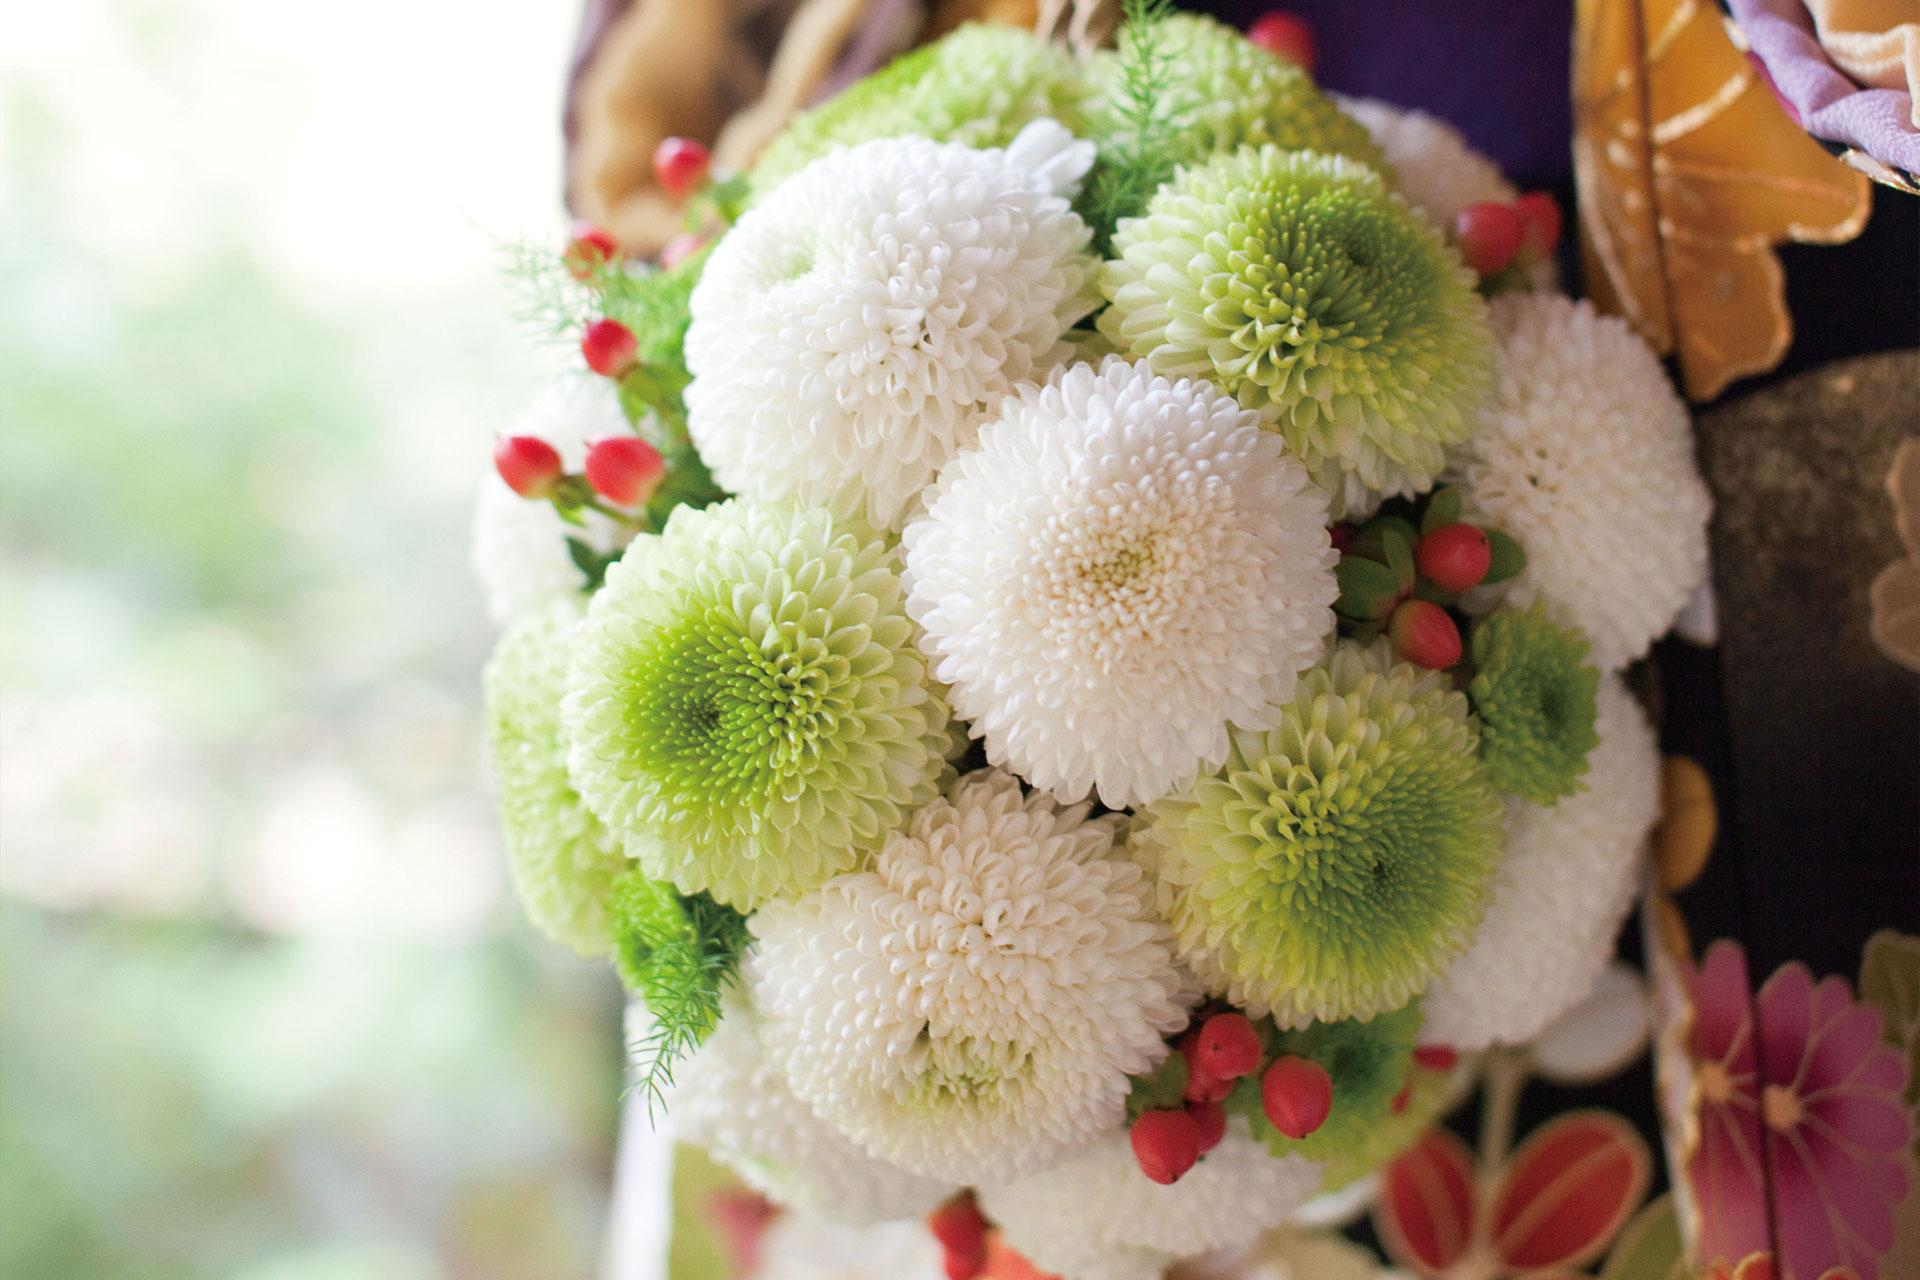 白色と緑色を基調とした装花